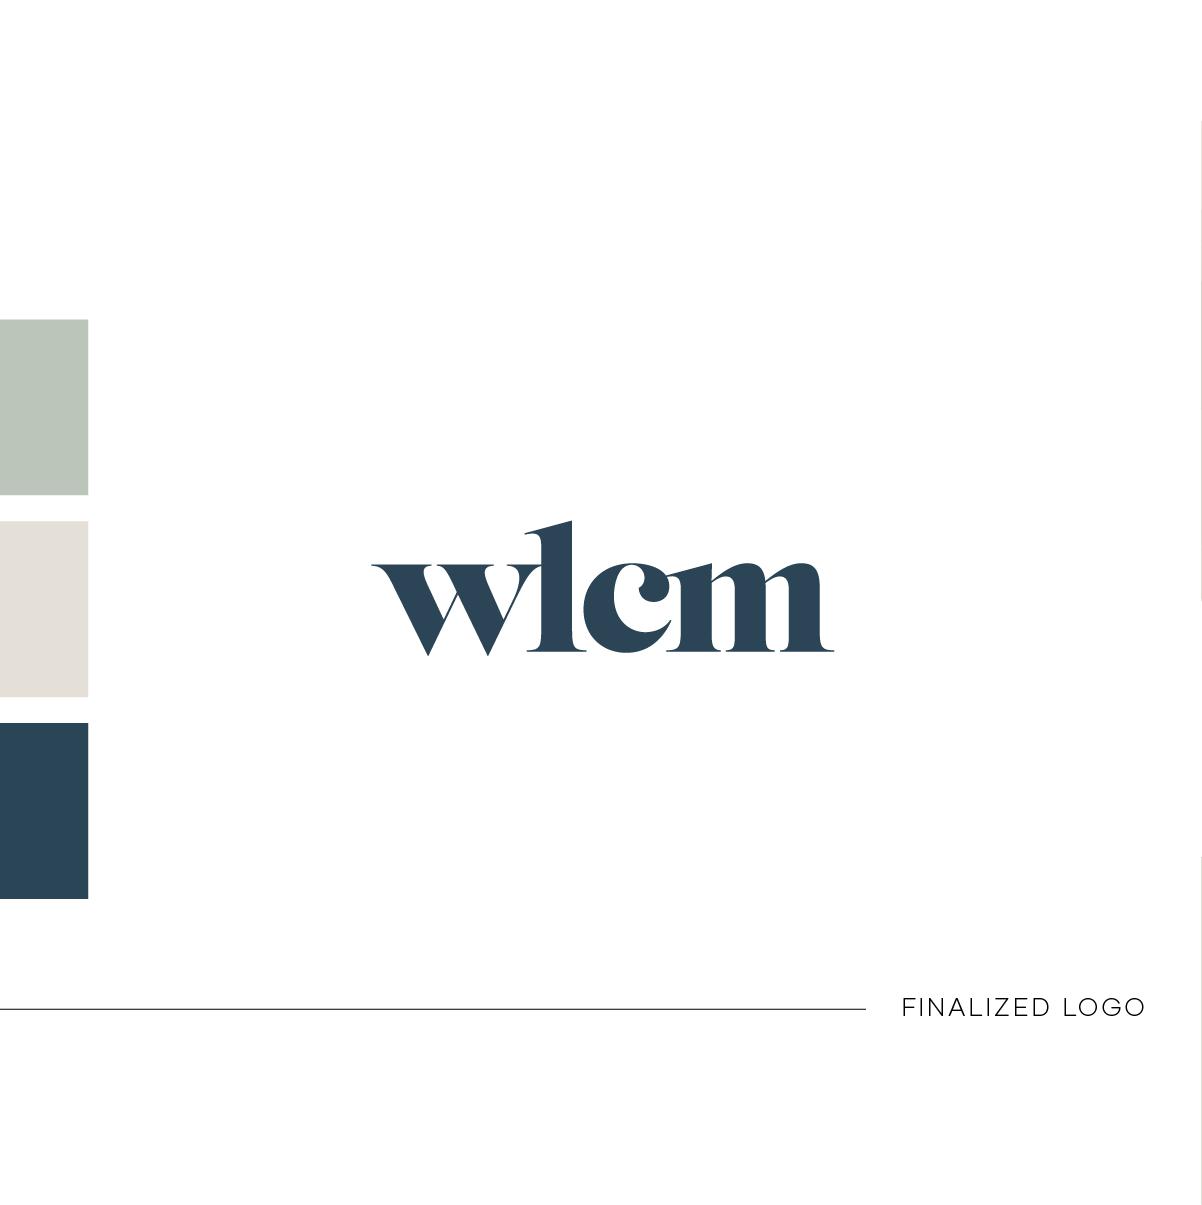 WLCM_IG_Swipes__3.png